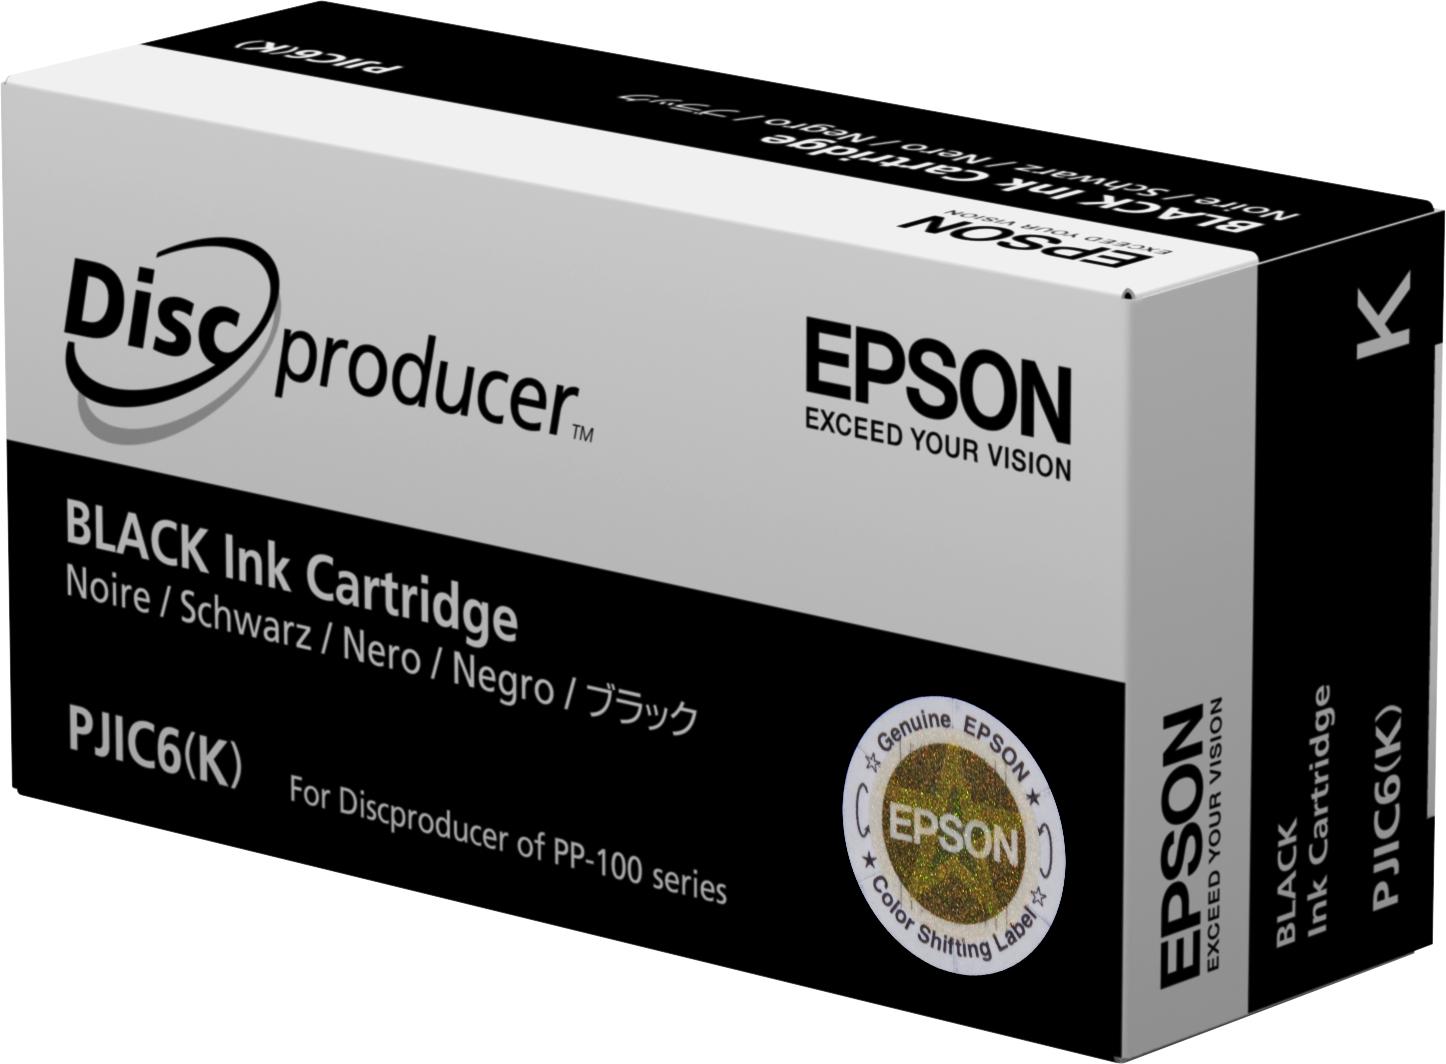 Epson Cartucho Discproducer negro (cantidad mínima=10)